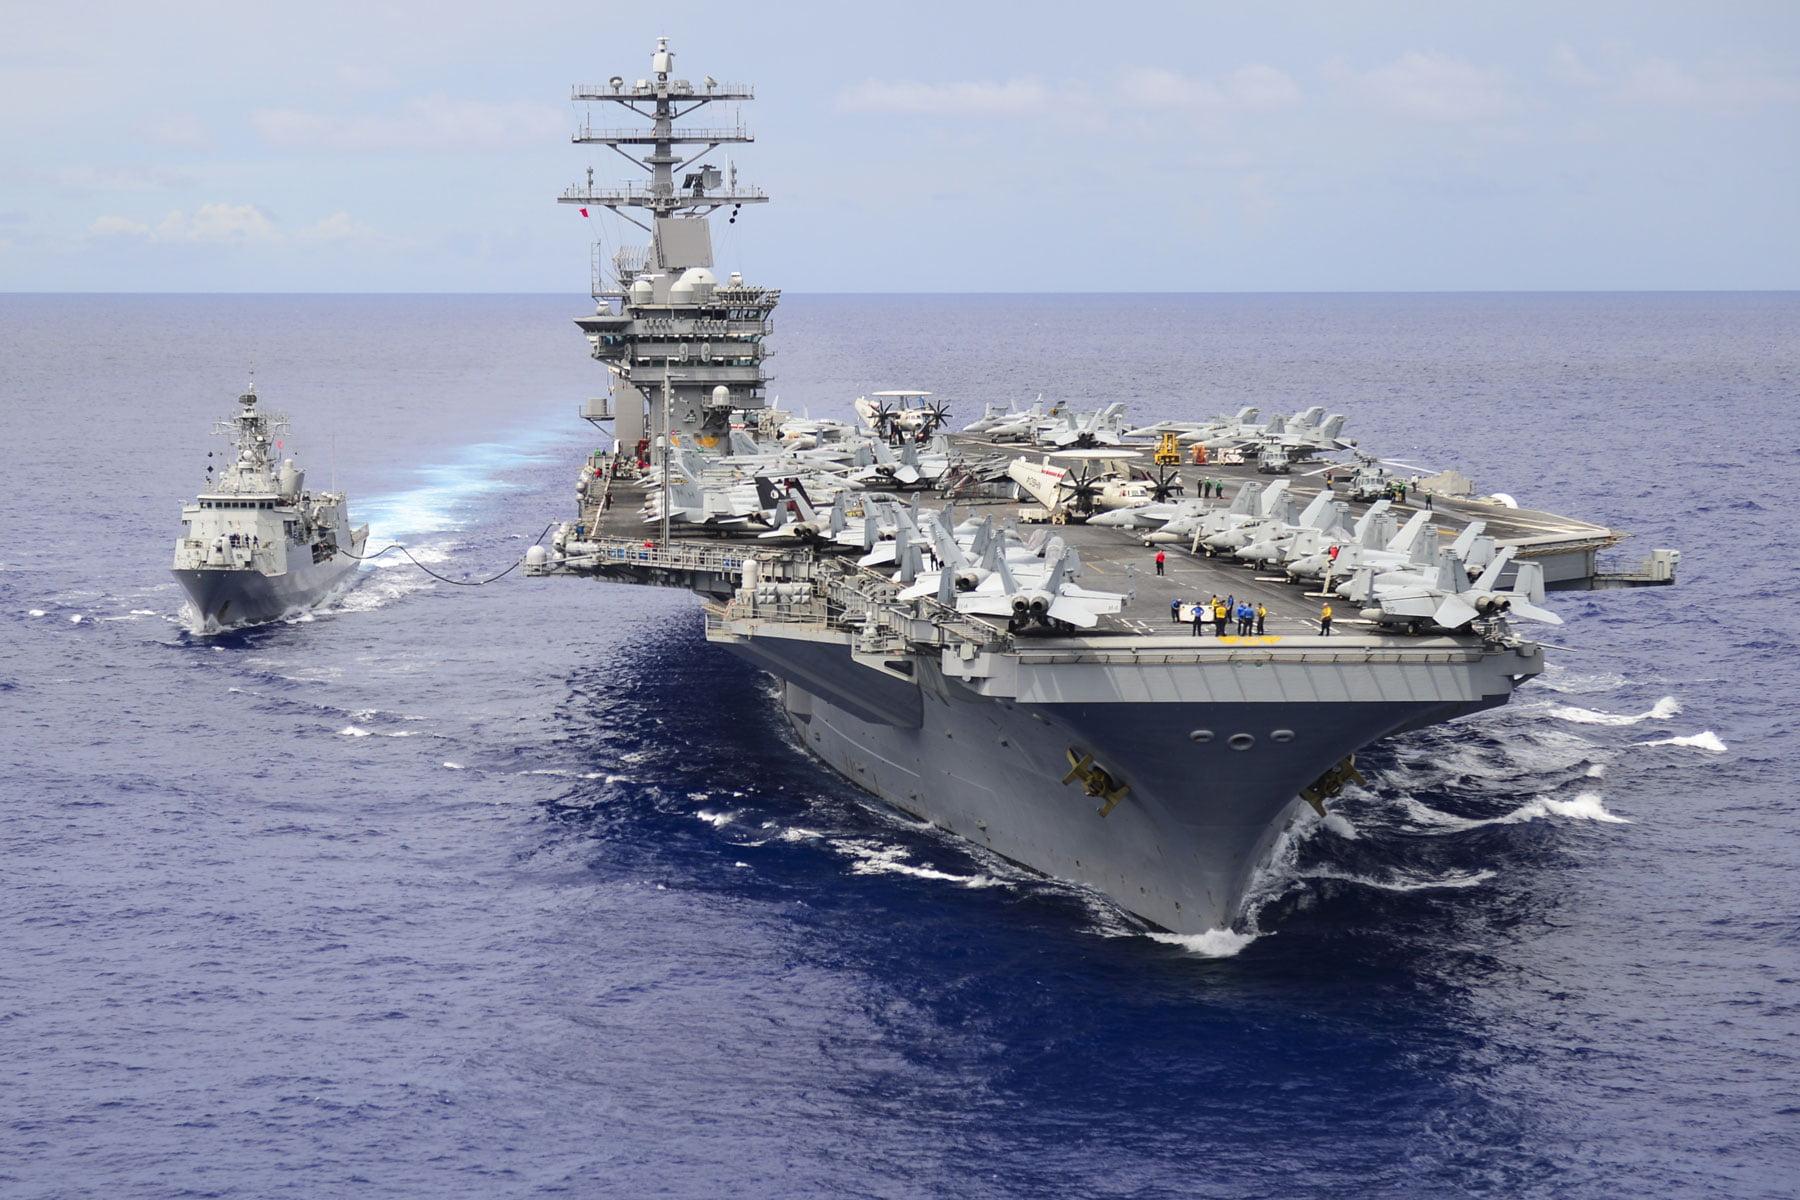 Ηρεμεί η Μέση Ανατολή: Οι ΗΠΑ στέλνουν πίσω το USS NIMITZ